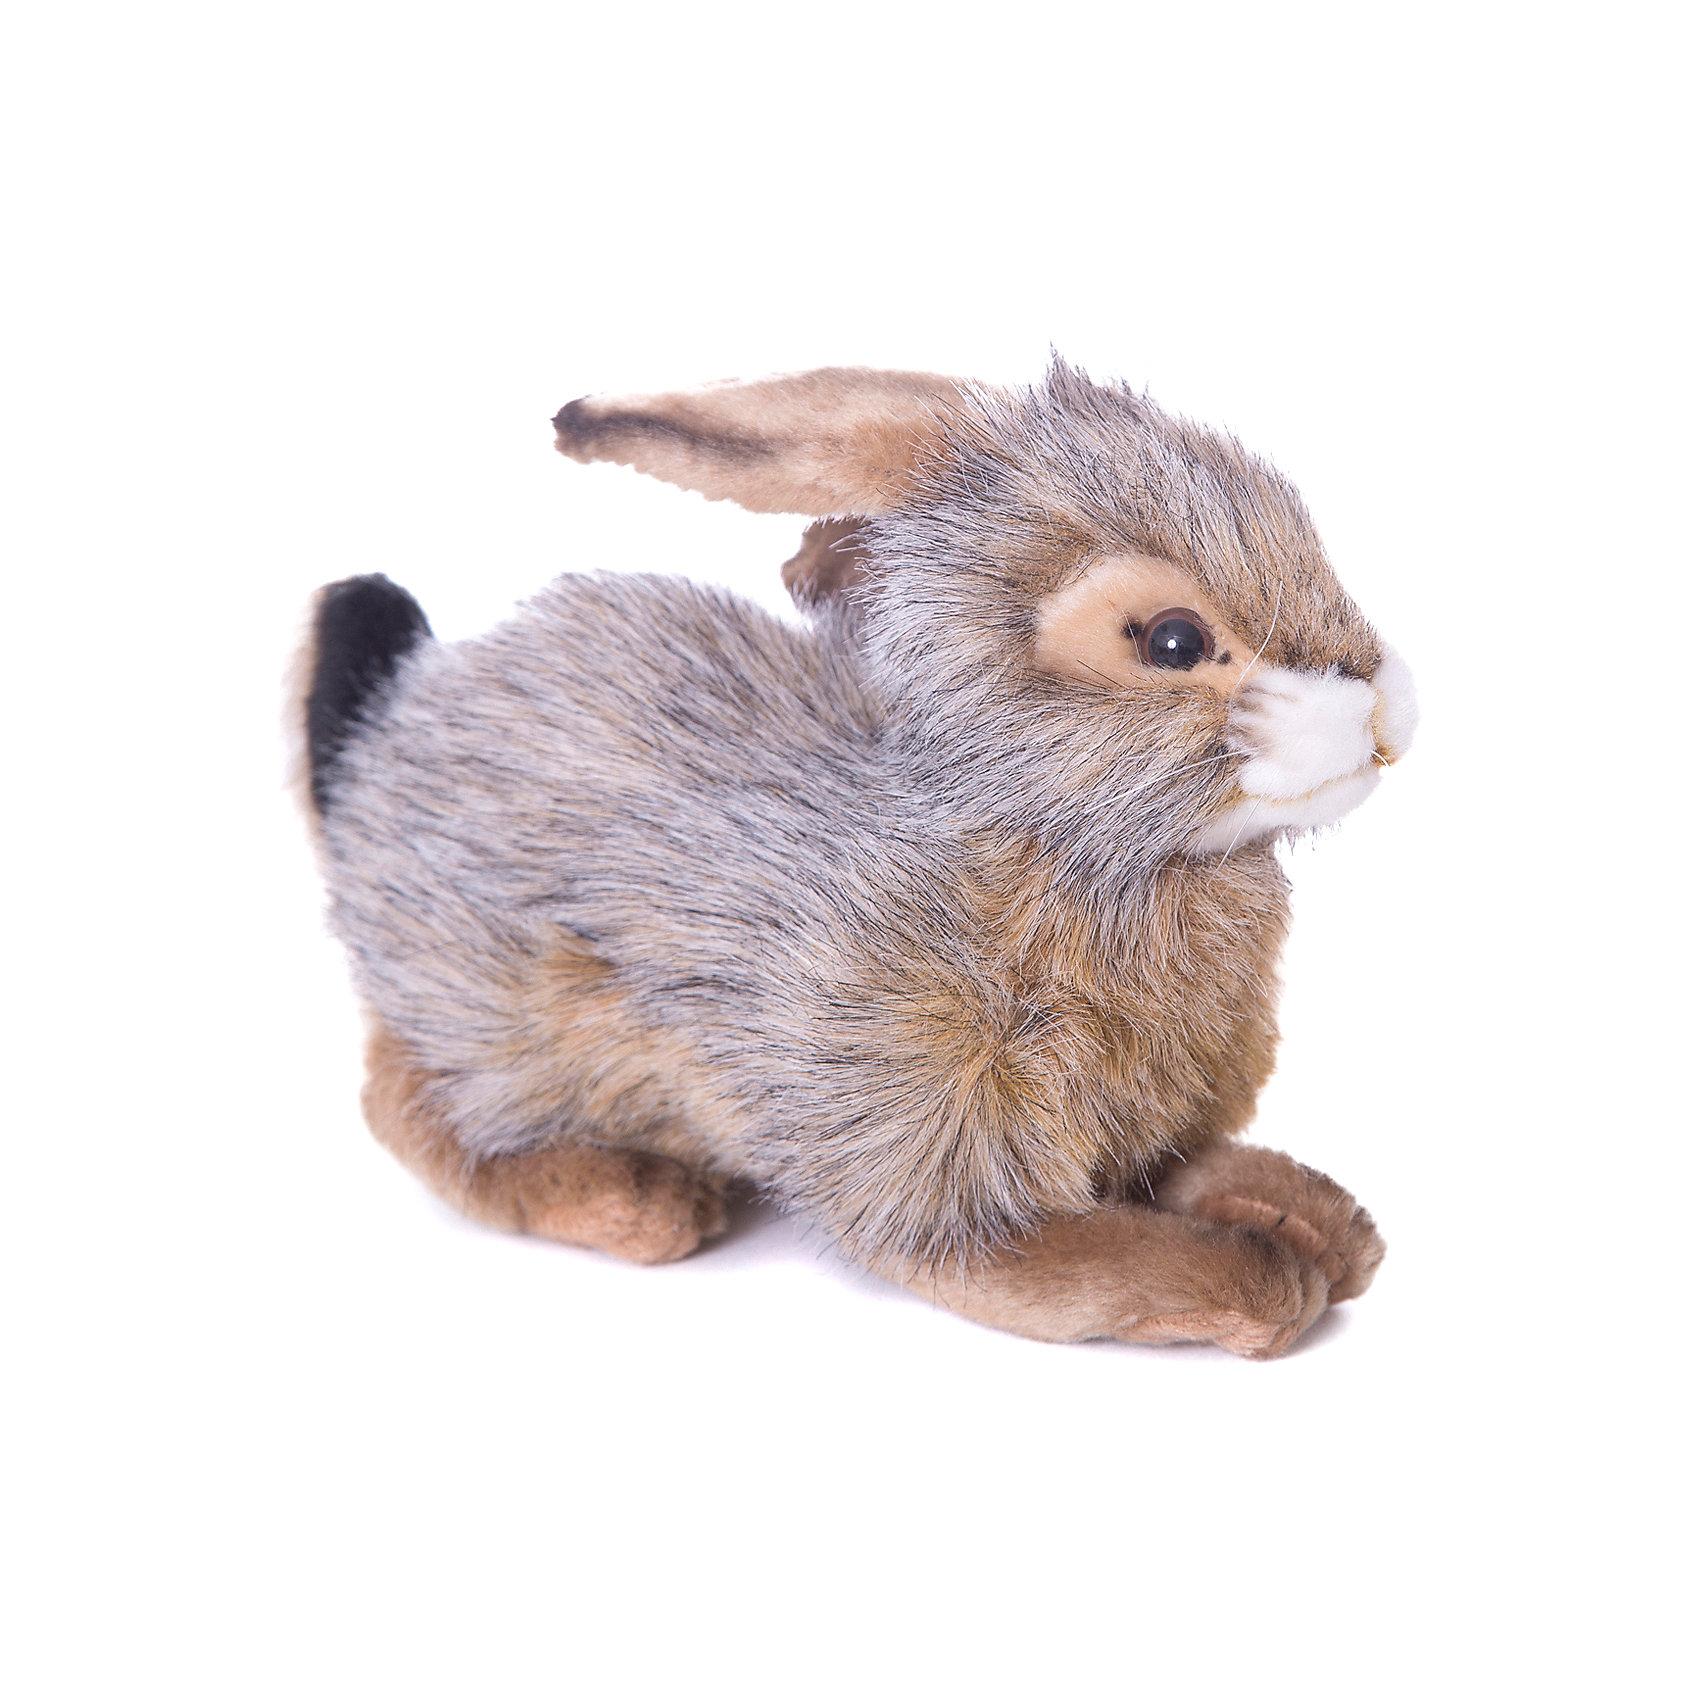 Кролик черный, 25 смЗайцы и кролики<br>Кролик черный, 25 см – игрушка от знаменитого бренда Hansa, специализирующегося на выпуске мягких игрушек с высокой степенью натуралистичности. Внешний вид игрушечного кролика полностью соответствует реальному прототипу – домашнему кролику. Он выполнен из искусственного меха с ворсом разной длины: короткий на лапках, ушках и мордочке, длинный – на туловище. Окрас игрушки – пестрый. Использованные материалы обладают гипоаллергенными свойствами. Внутри игрушки имеется металлический каркас, позволяющий изменять положение. <br>Игрушка относится к серии Домашние животные. <br>Мягкие игрушки от Hansa подходят для сюжетно-ролевых игр, для обучающих игр, направленных на знакомство с миром живой природы. Кроме того, их можно использовать в качестве интерьерных игрушек. Коллекция из нескольких игрушек позволяет создать свою домашнюю ферму, которая будет радовать вашего ребенка долгое время, так как ручная работа и качественные материалы гарантируют их долговечность и прочность.<br><br>Дополнительная информация:<br><br>- Вид игр: сюжетно-ролевые игры, коллекционирование, интерьерные игрушки<br>- Предназначение: для дома, для детских развивающих центров, для детских садов<br>- Материал: искусственный мех, наполнитель ? полиэфирное волокно<br>- Размер (ДхШхВ): 17*11*25 см<br>- Вес: 570 г<br>- Особенности ухода: сухая чистка при помощи пылесоса или щетки для одежды<br><br>Подробнее:<br><br>• Для детей в возрасте: от 3 лет <br>• Страна производитель: Филиппины<br>• Торговый бренд: Hansa<br><br>Кролика черного, 25 см можно купить в нашем интернет-магазине.<br><br>Ширина мм: 17<br>Глубина мм: 11<br>Высота мм: 25<br>Вес г: 570<br>Возраст от месяцев: 36<br>Возраст до месяцев: 2147483647<br>Пол: Унисекс<br>Возраст: Детский<br>SKU: 4927227